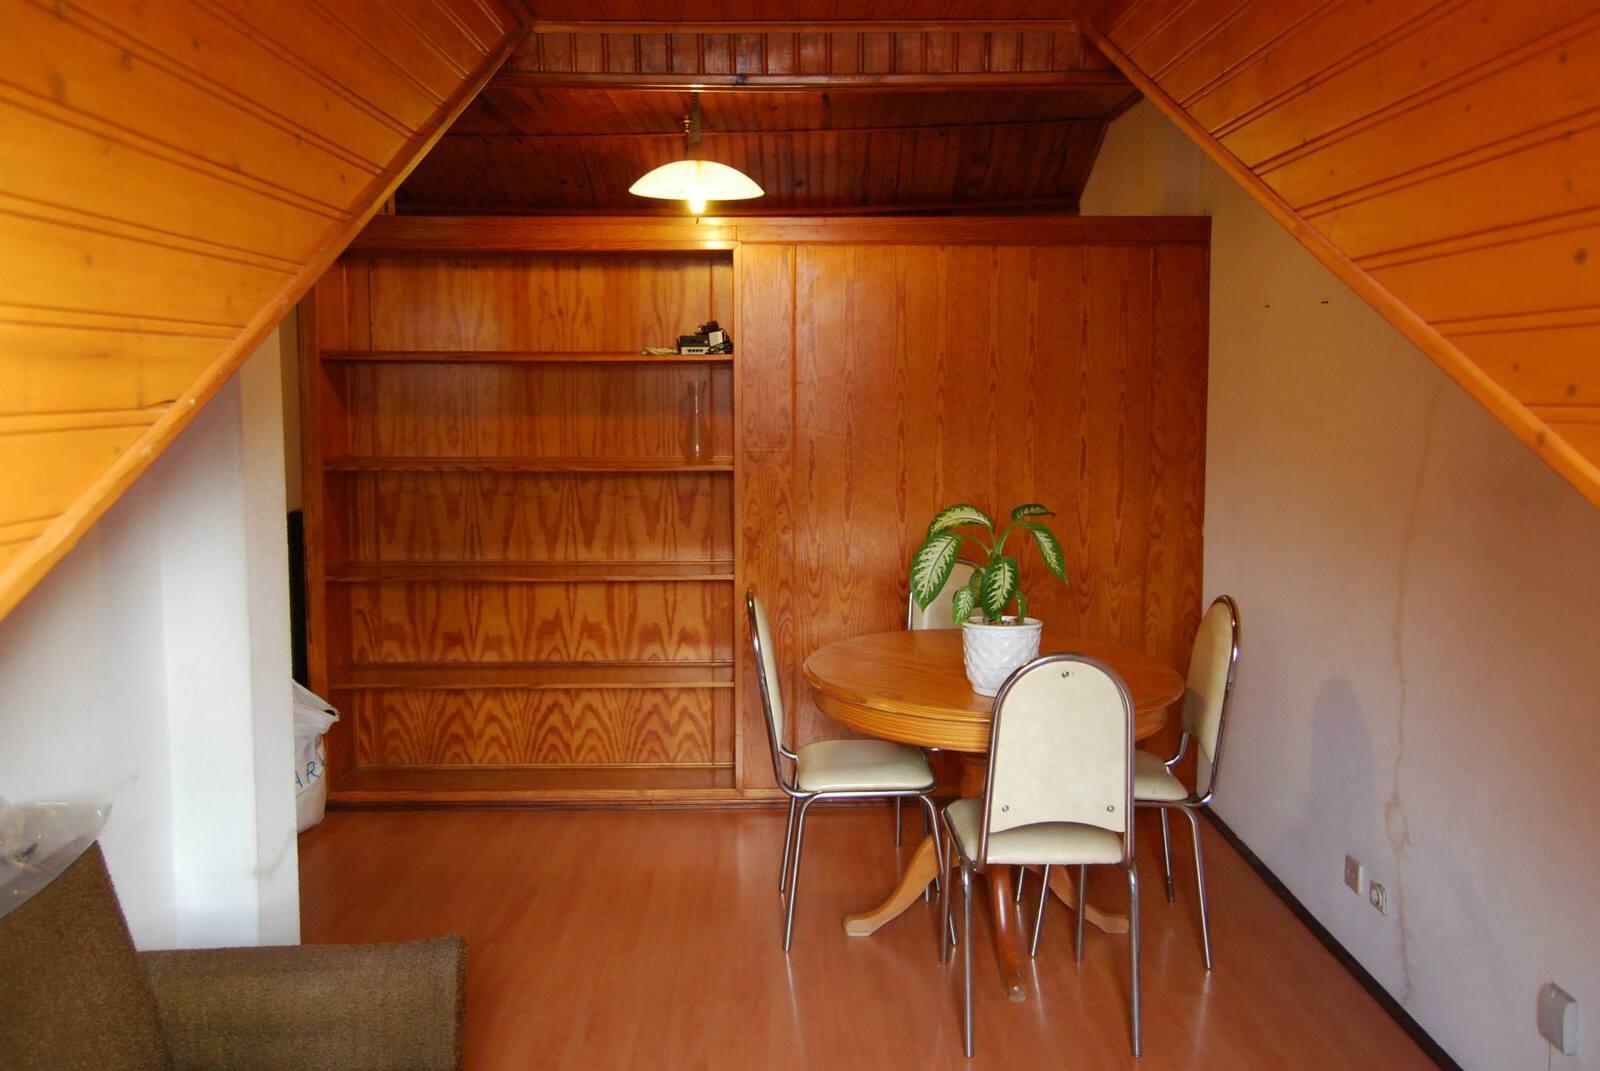 pf17427-apartamento-t1-lisboa-8ec209c4-d133-486d-8e43-829d3ab34da7